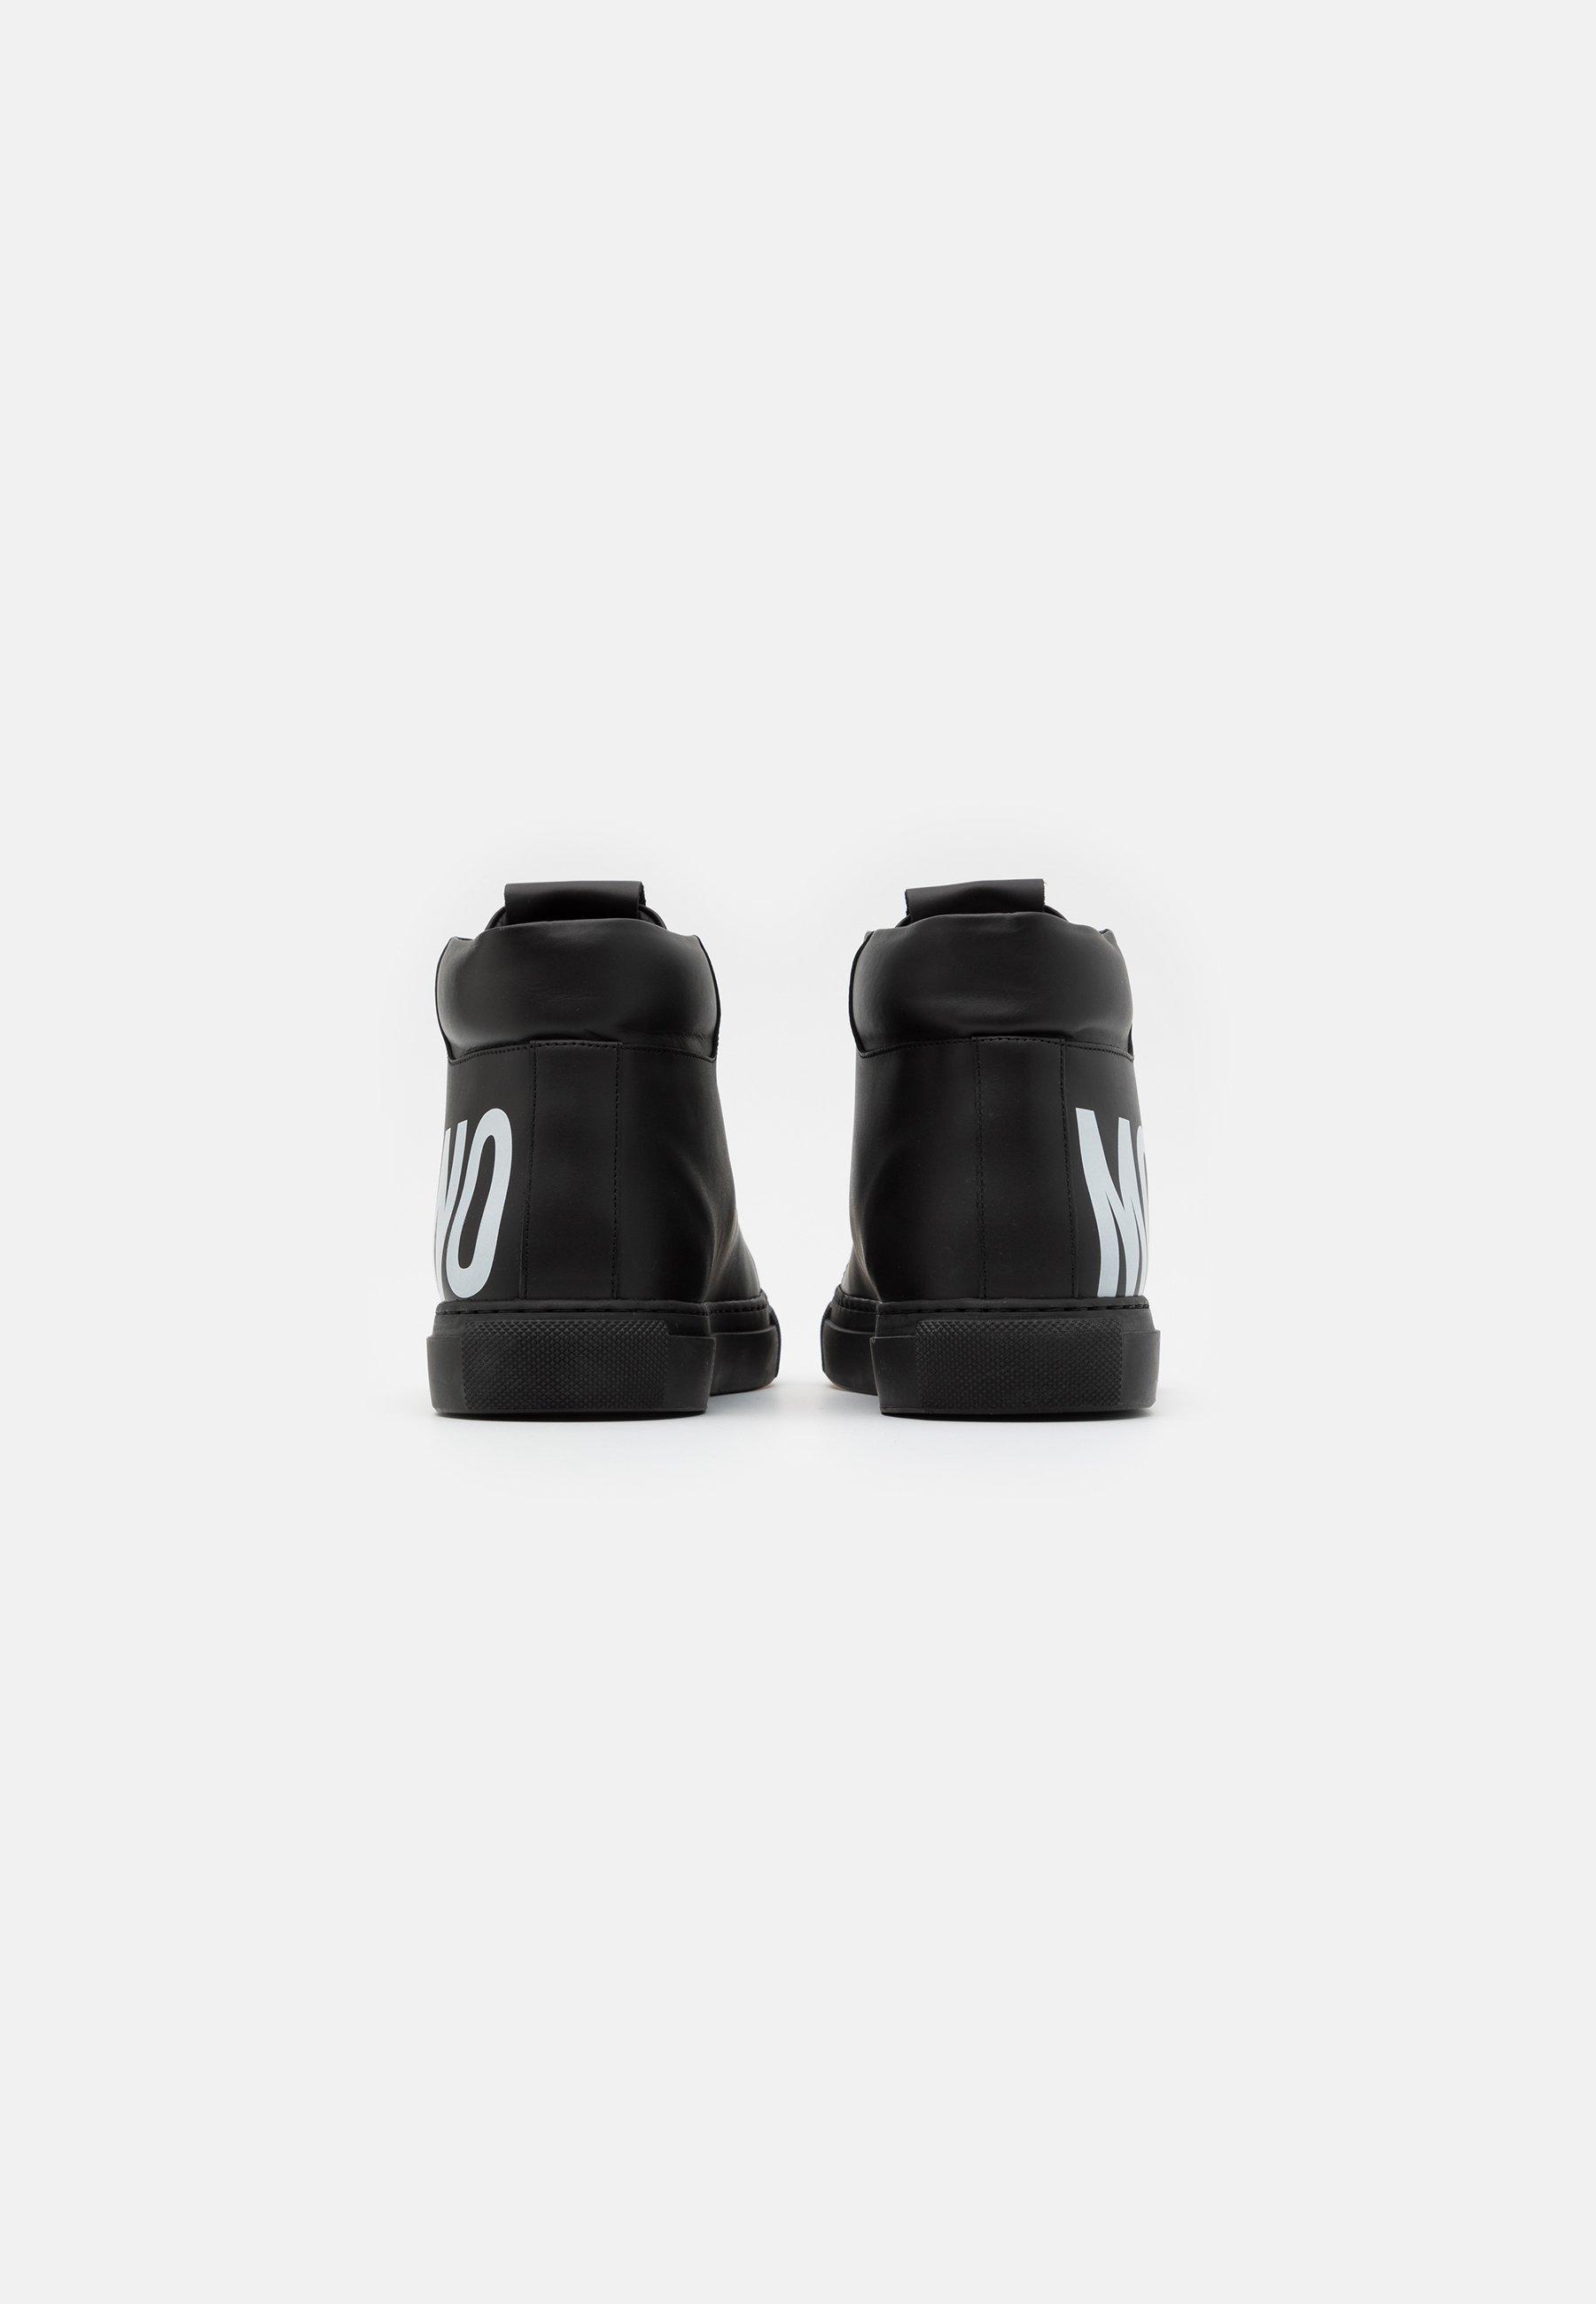 La migliore vendita Scarpe da uomo MOSCHINO Sneakers alte black/white